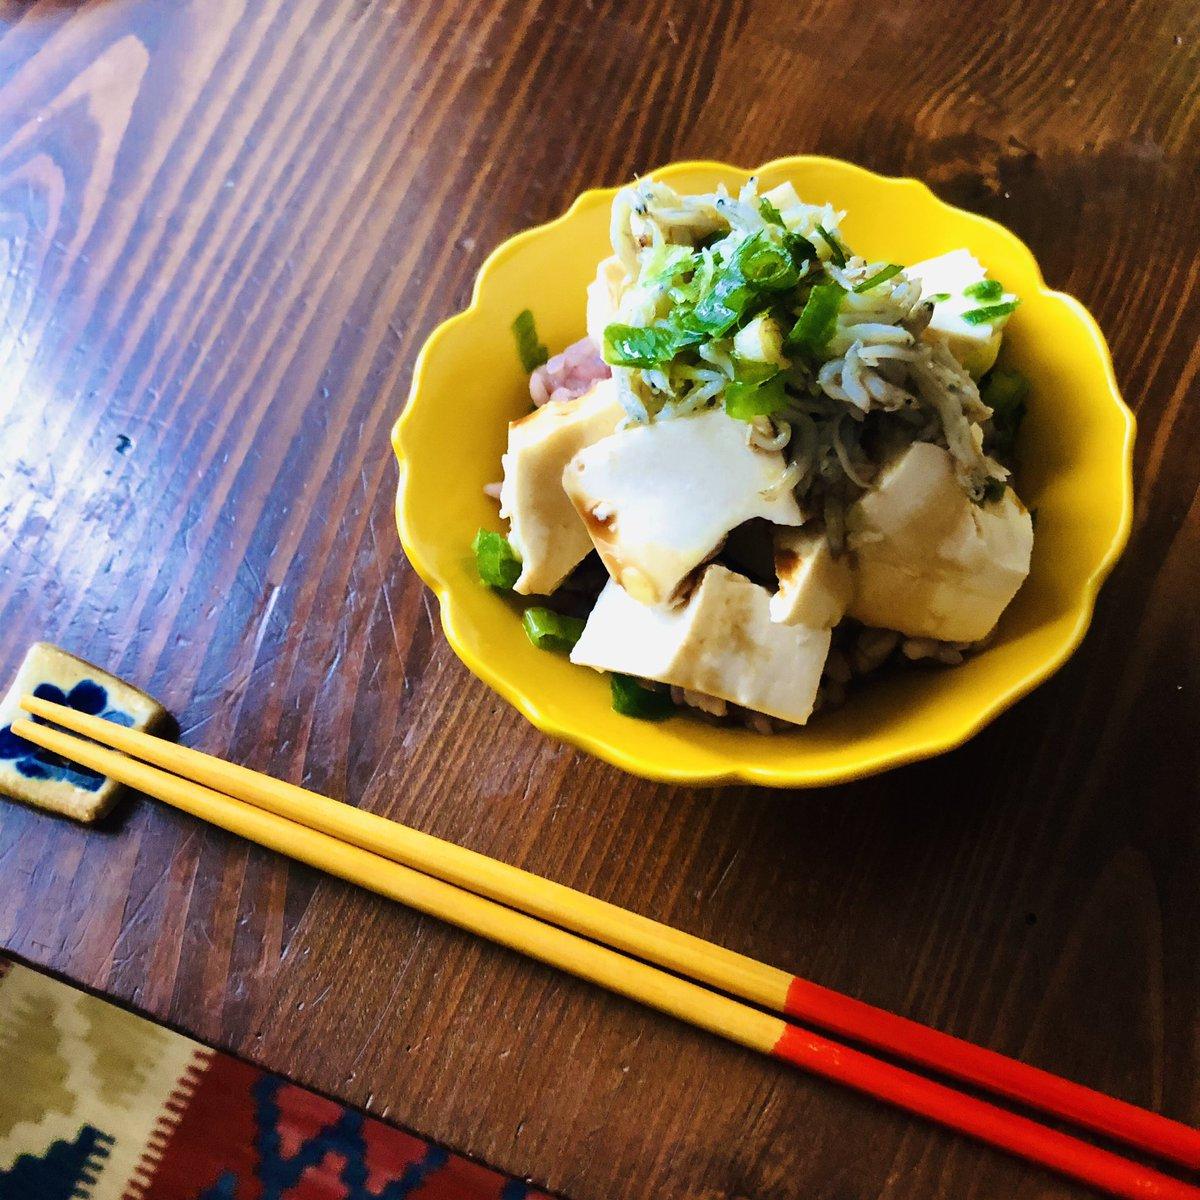 水切りしたお豆腐に白央さん( @hakuo416 )のしらすオイル、醤油をひとたらしの丼、んまー!って思わず声出る美味しさ、大正解💯だから、みんなやって欲しい!夏にぴったり✨食欲がないときも!って私はハンバーグ2個食べますけど😚